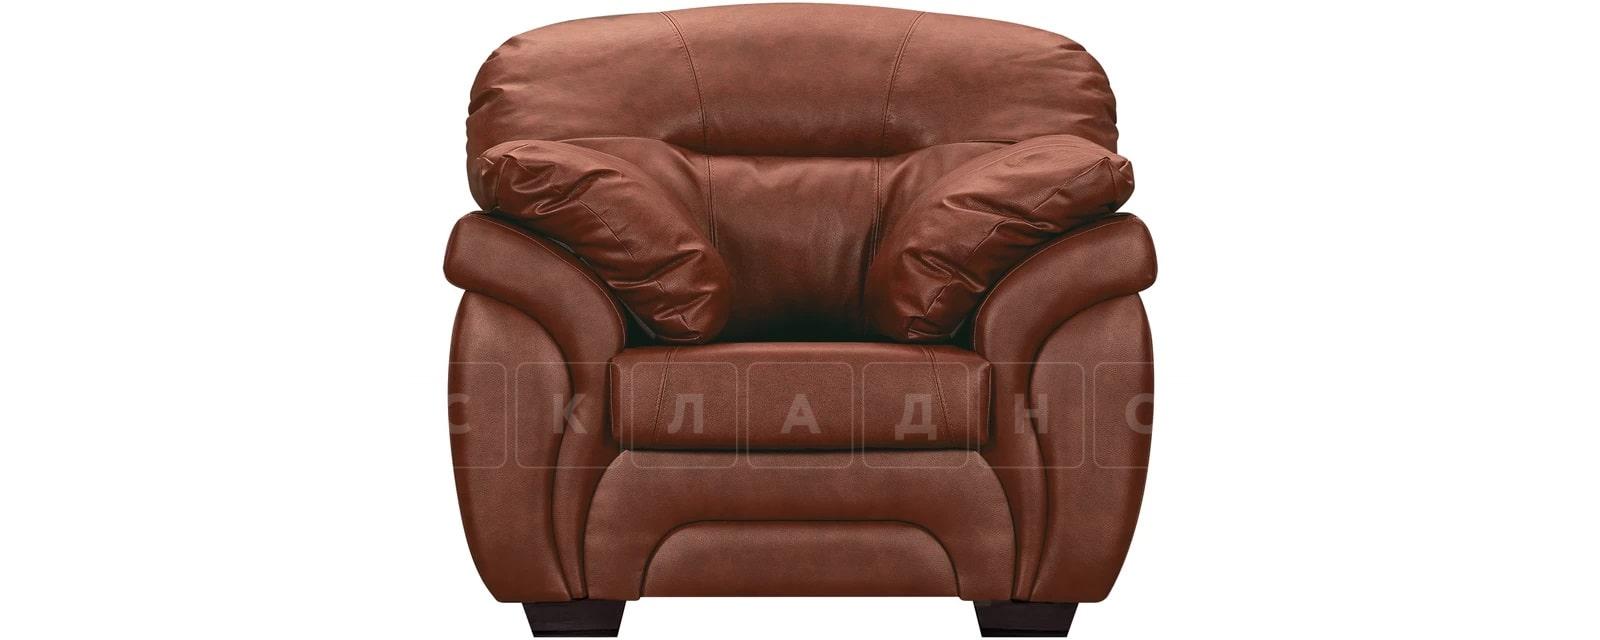 Кресло Бристоль кожаное коричневого цвета фото 2 | интернет-магазин Складно